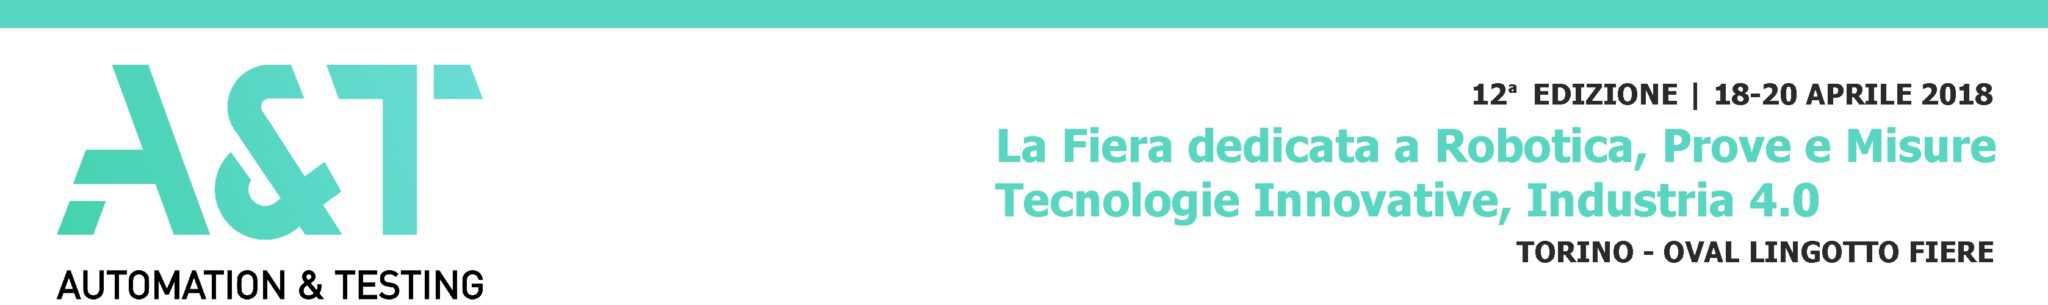 La Fiera dell'Automazione Robotica   Elettrogruppo ZeroUno   Torino   LOGO AUTOMATIC TESTING